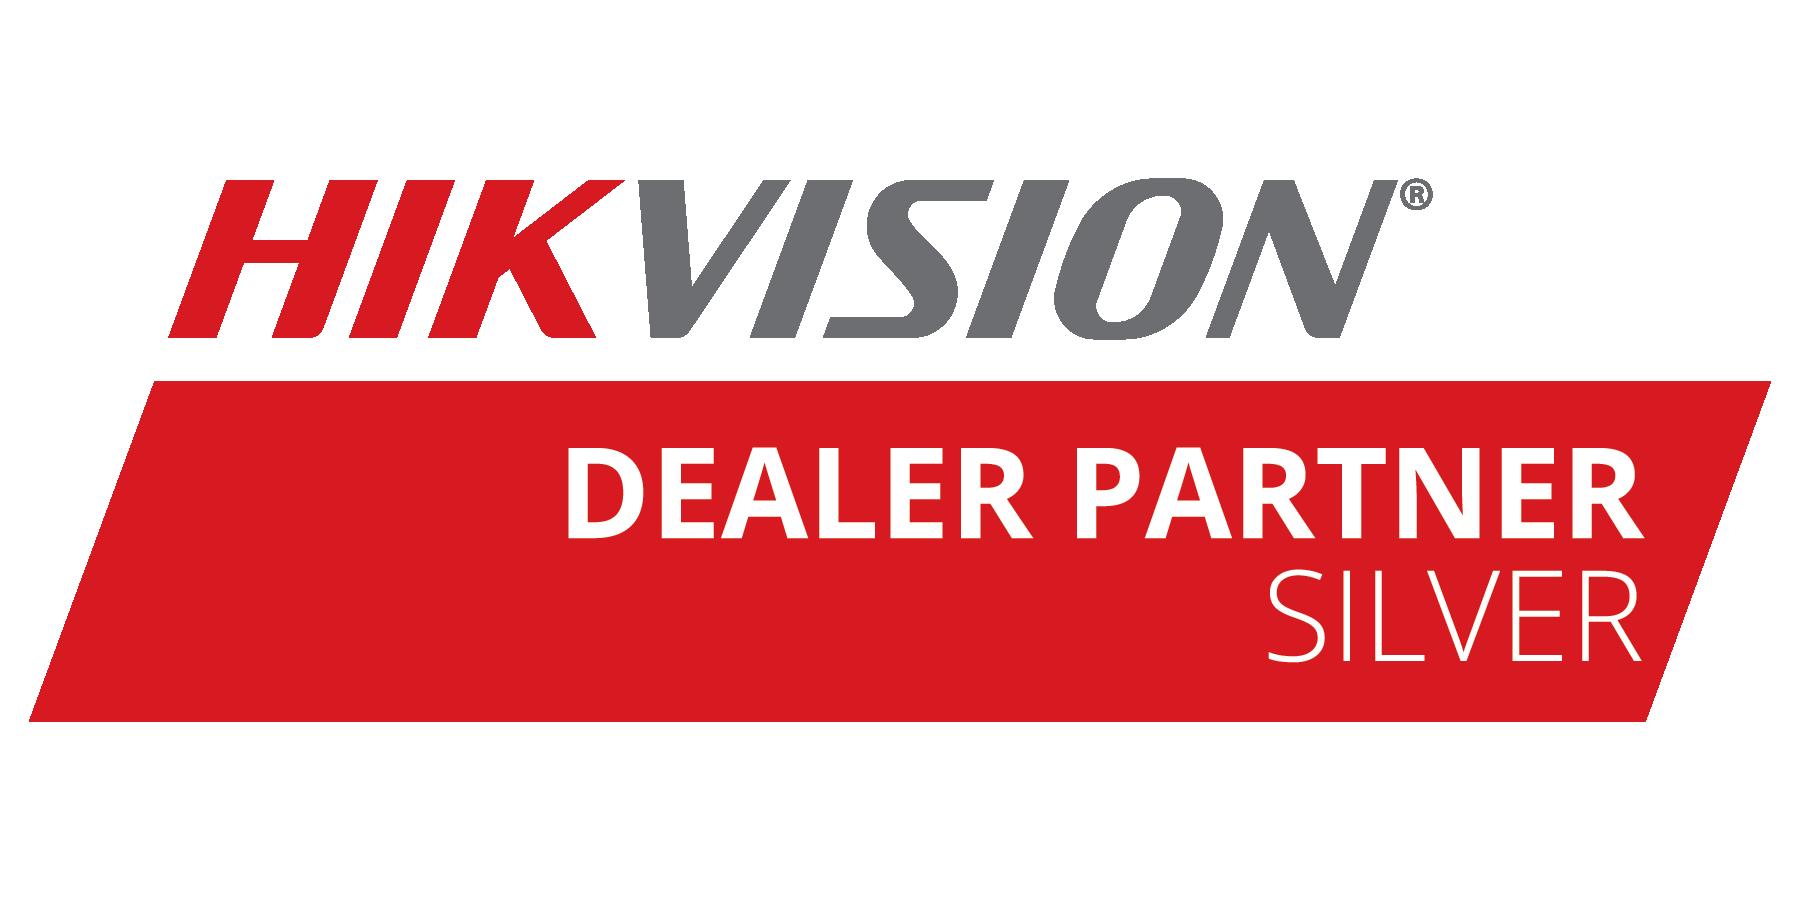 dealer partner silver logo Digital Surveillance Systems